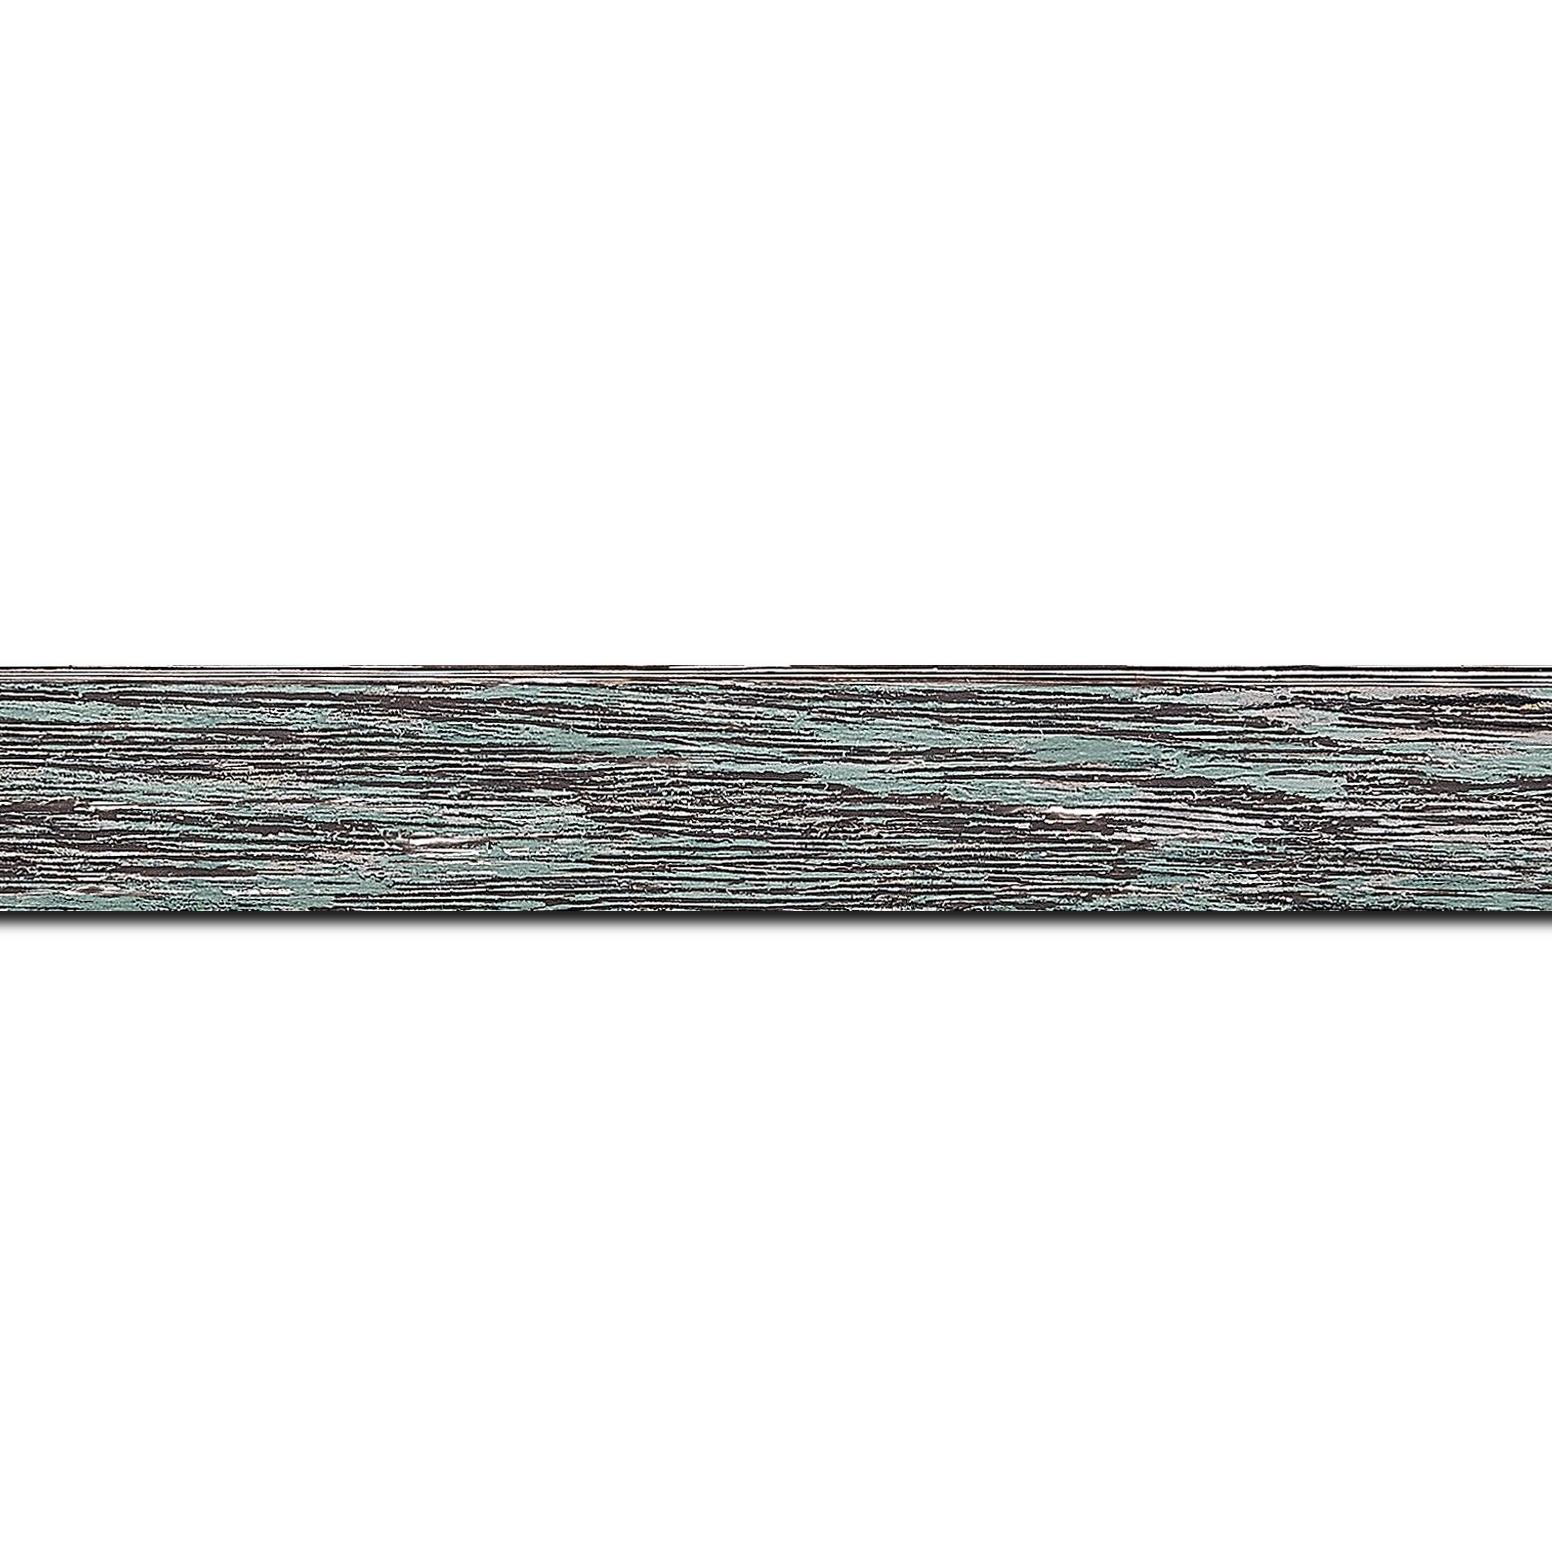 Baguette longueur 1.40m bois profil arrondi en pente plongeant largeur 2.4cm couleur vert d'eau finition veinée, reflet argenté